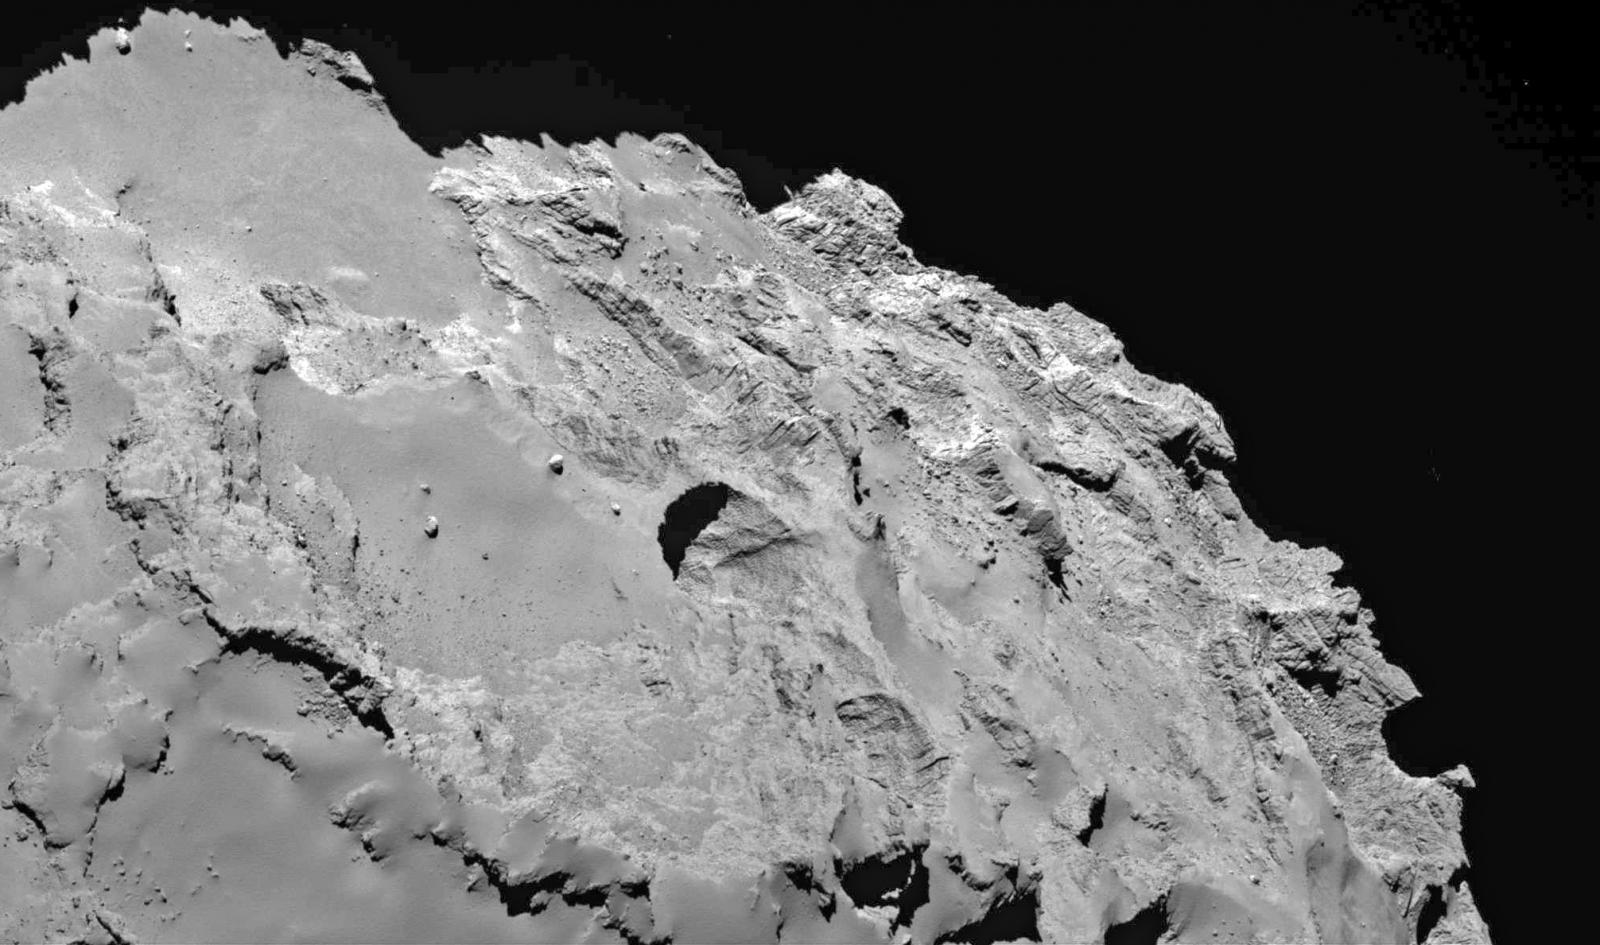 sinkholes on comet 67/p